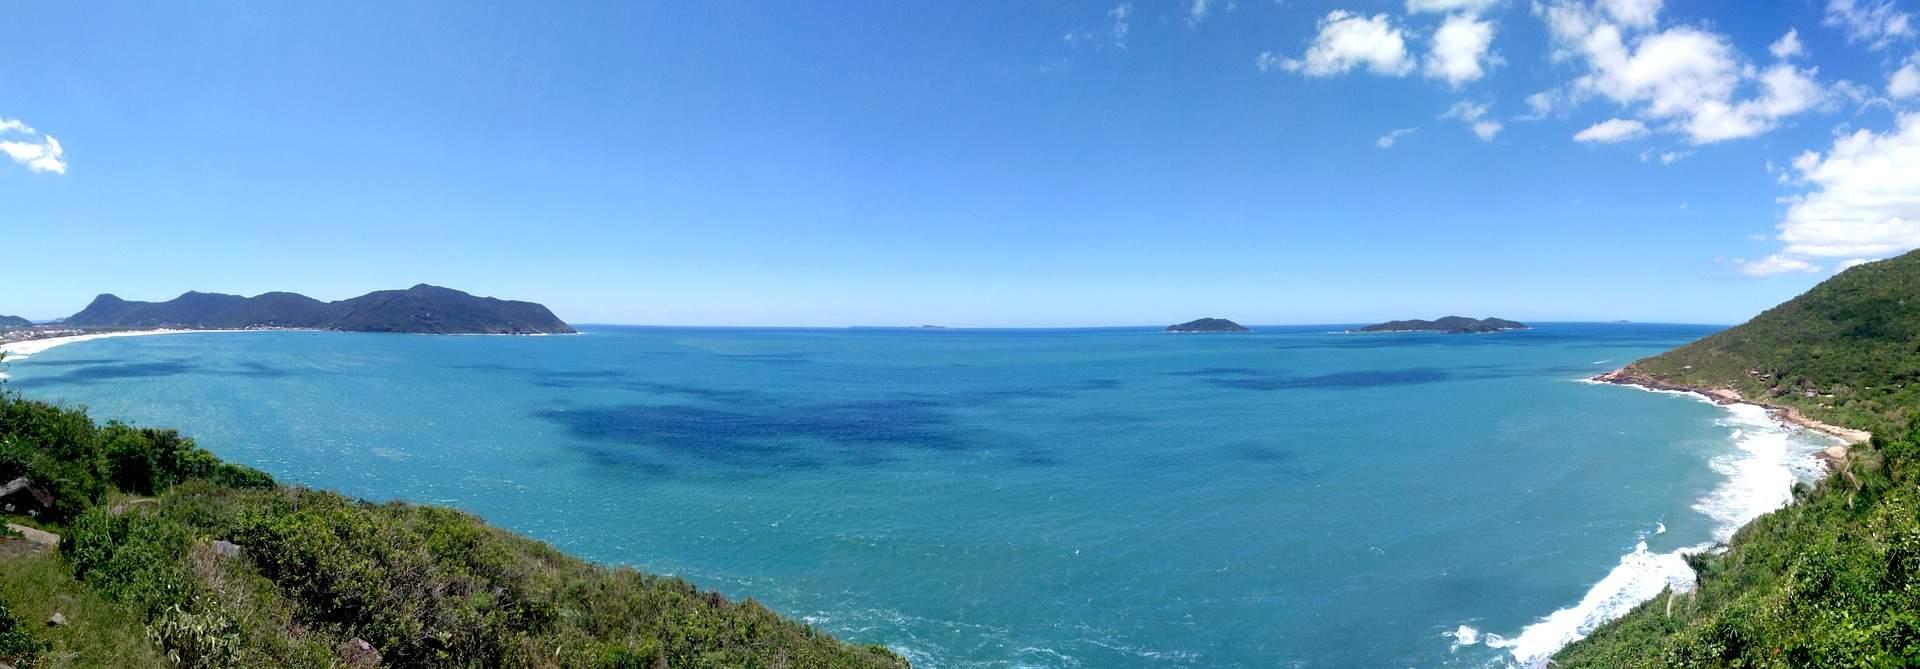 10 melhores pousadas em Florianópolis para curtir as praias